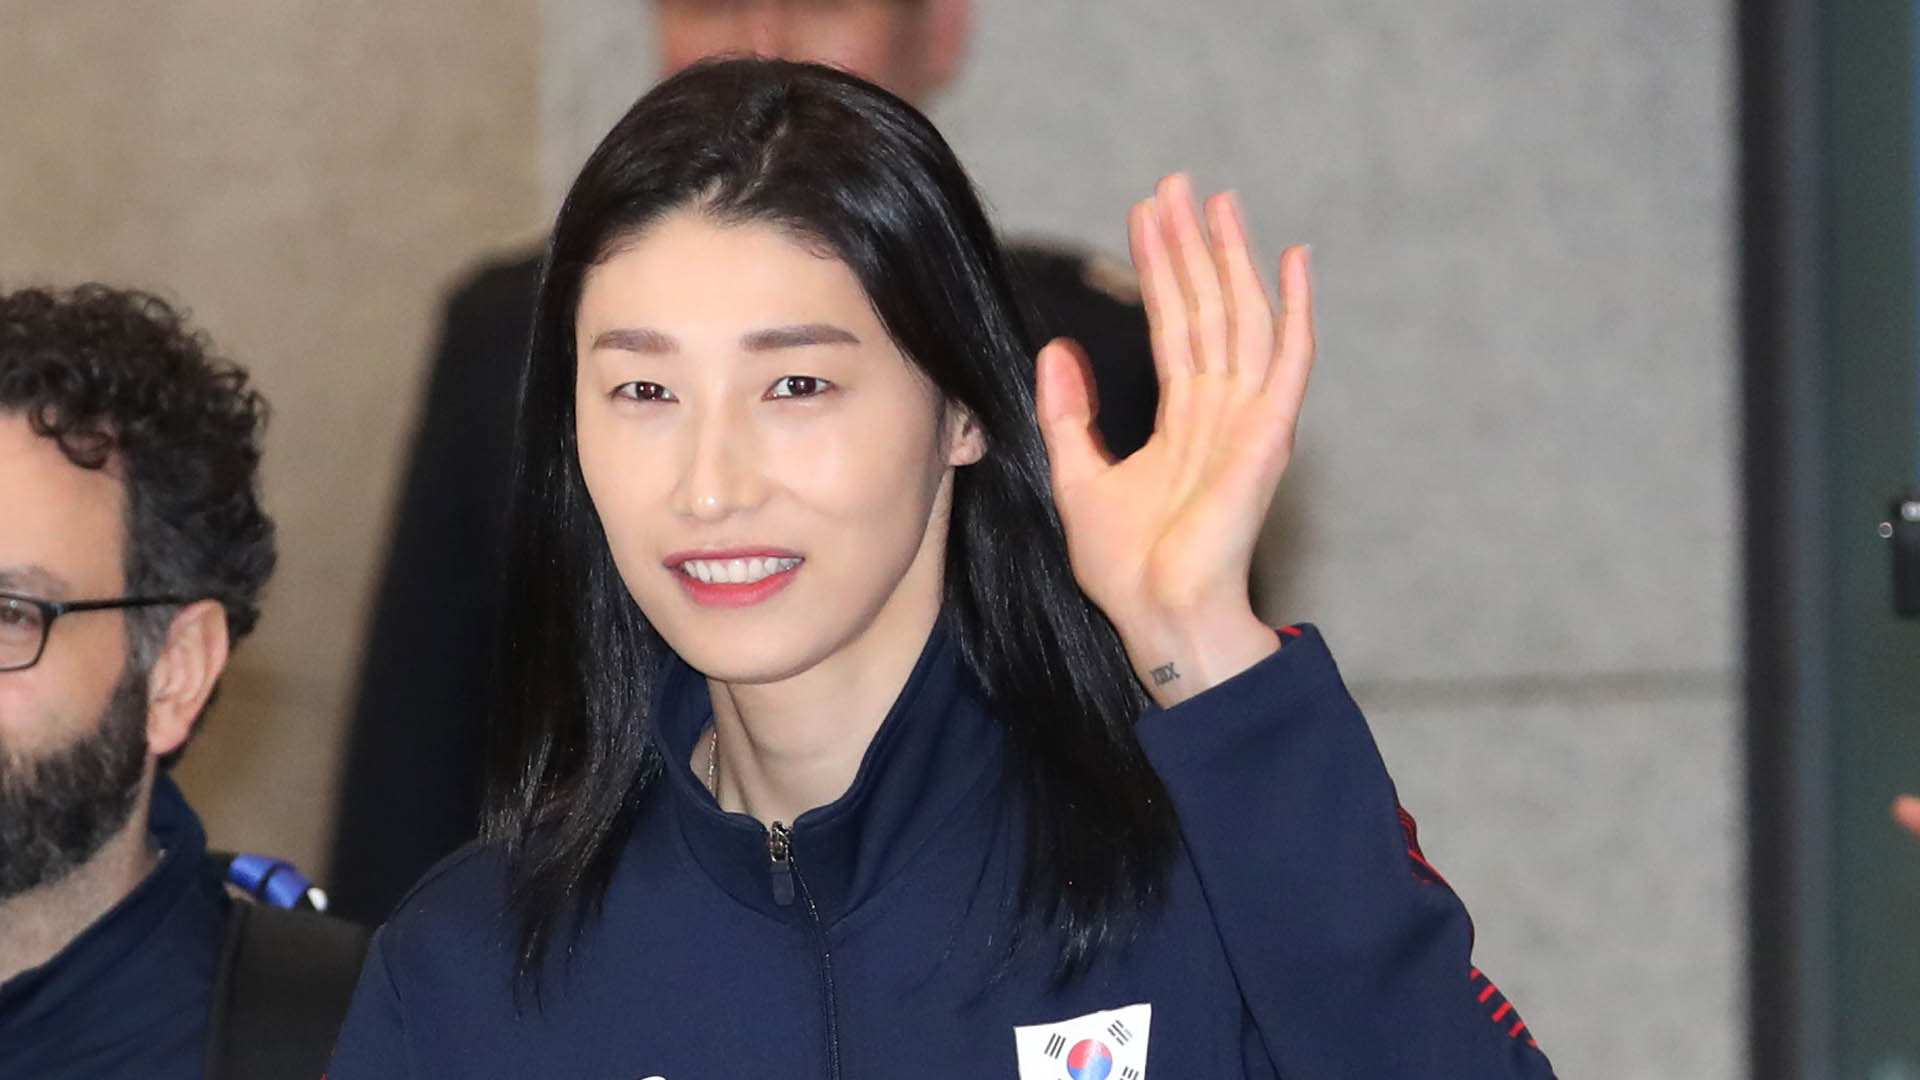 [프로배구] 김연경, 11년 만에 국내 복귀…연봉 3억5천만원